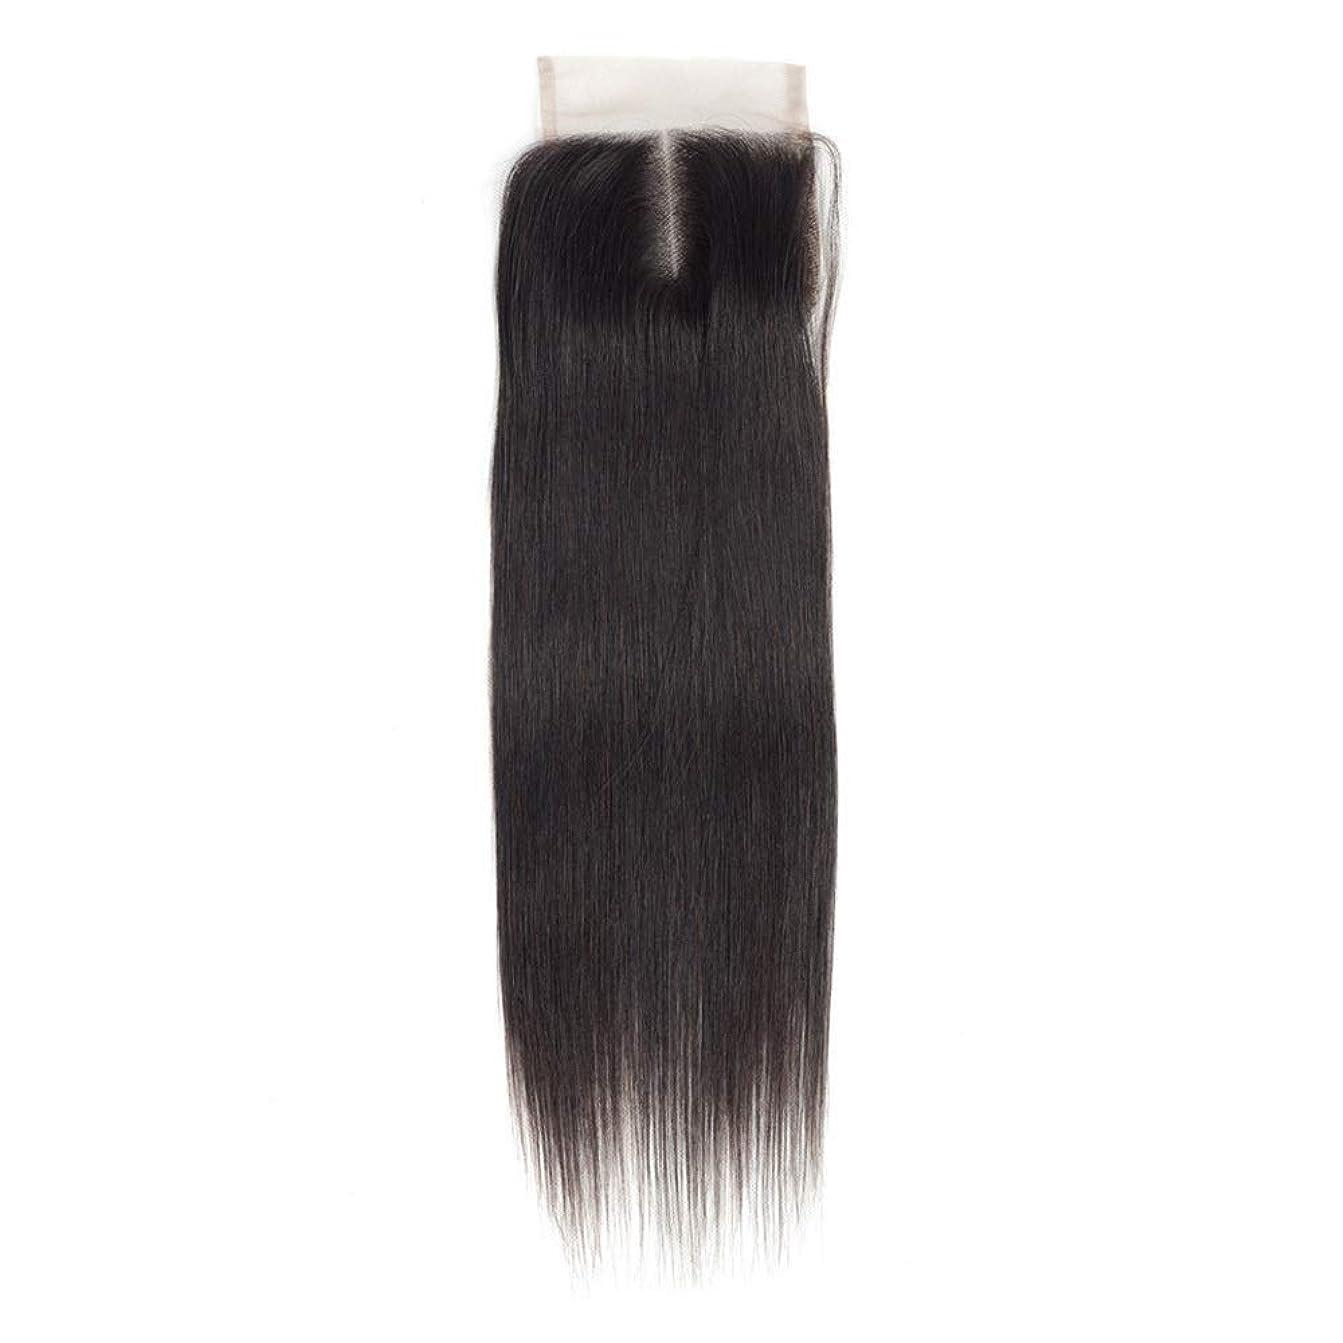 解読する溶けた装置Isikawan 中部ナチュラルカラーストレート横糸ヘアエクステンション女性のRemy人間の髪の毛4×4レース前頭閉鎖 (色 : ブラック, サイズ : 20 inch)